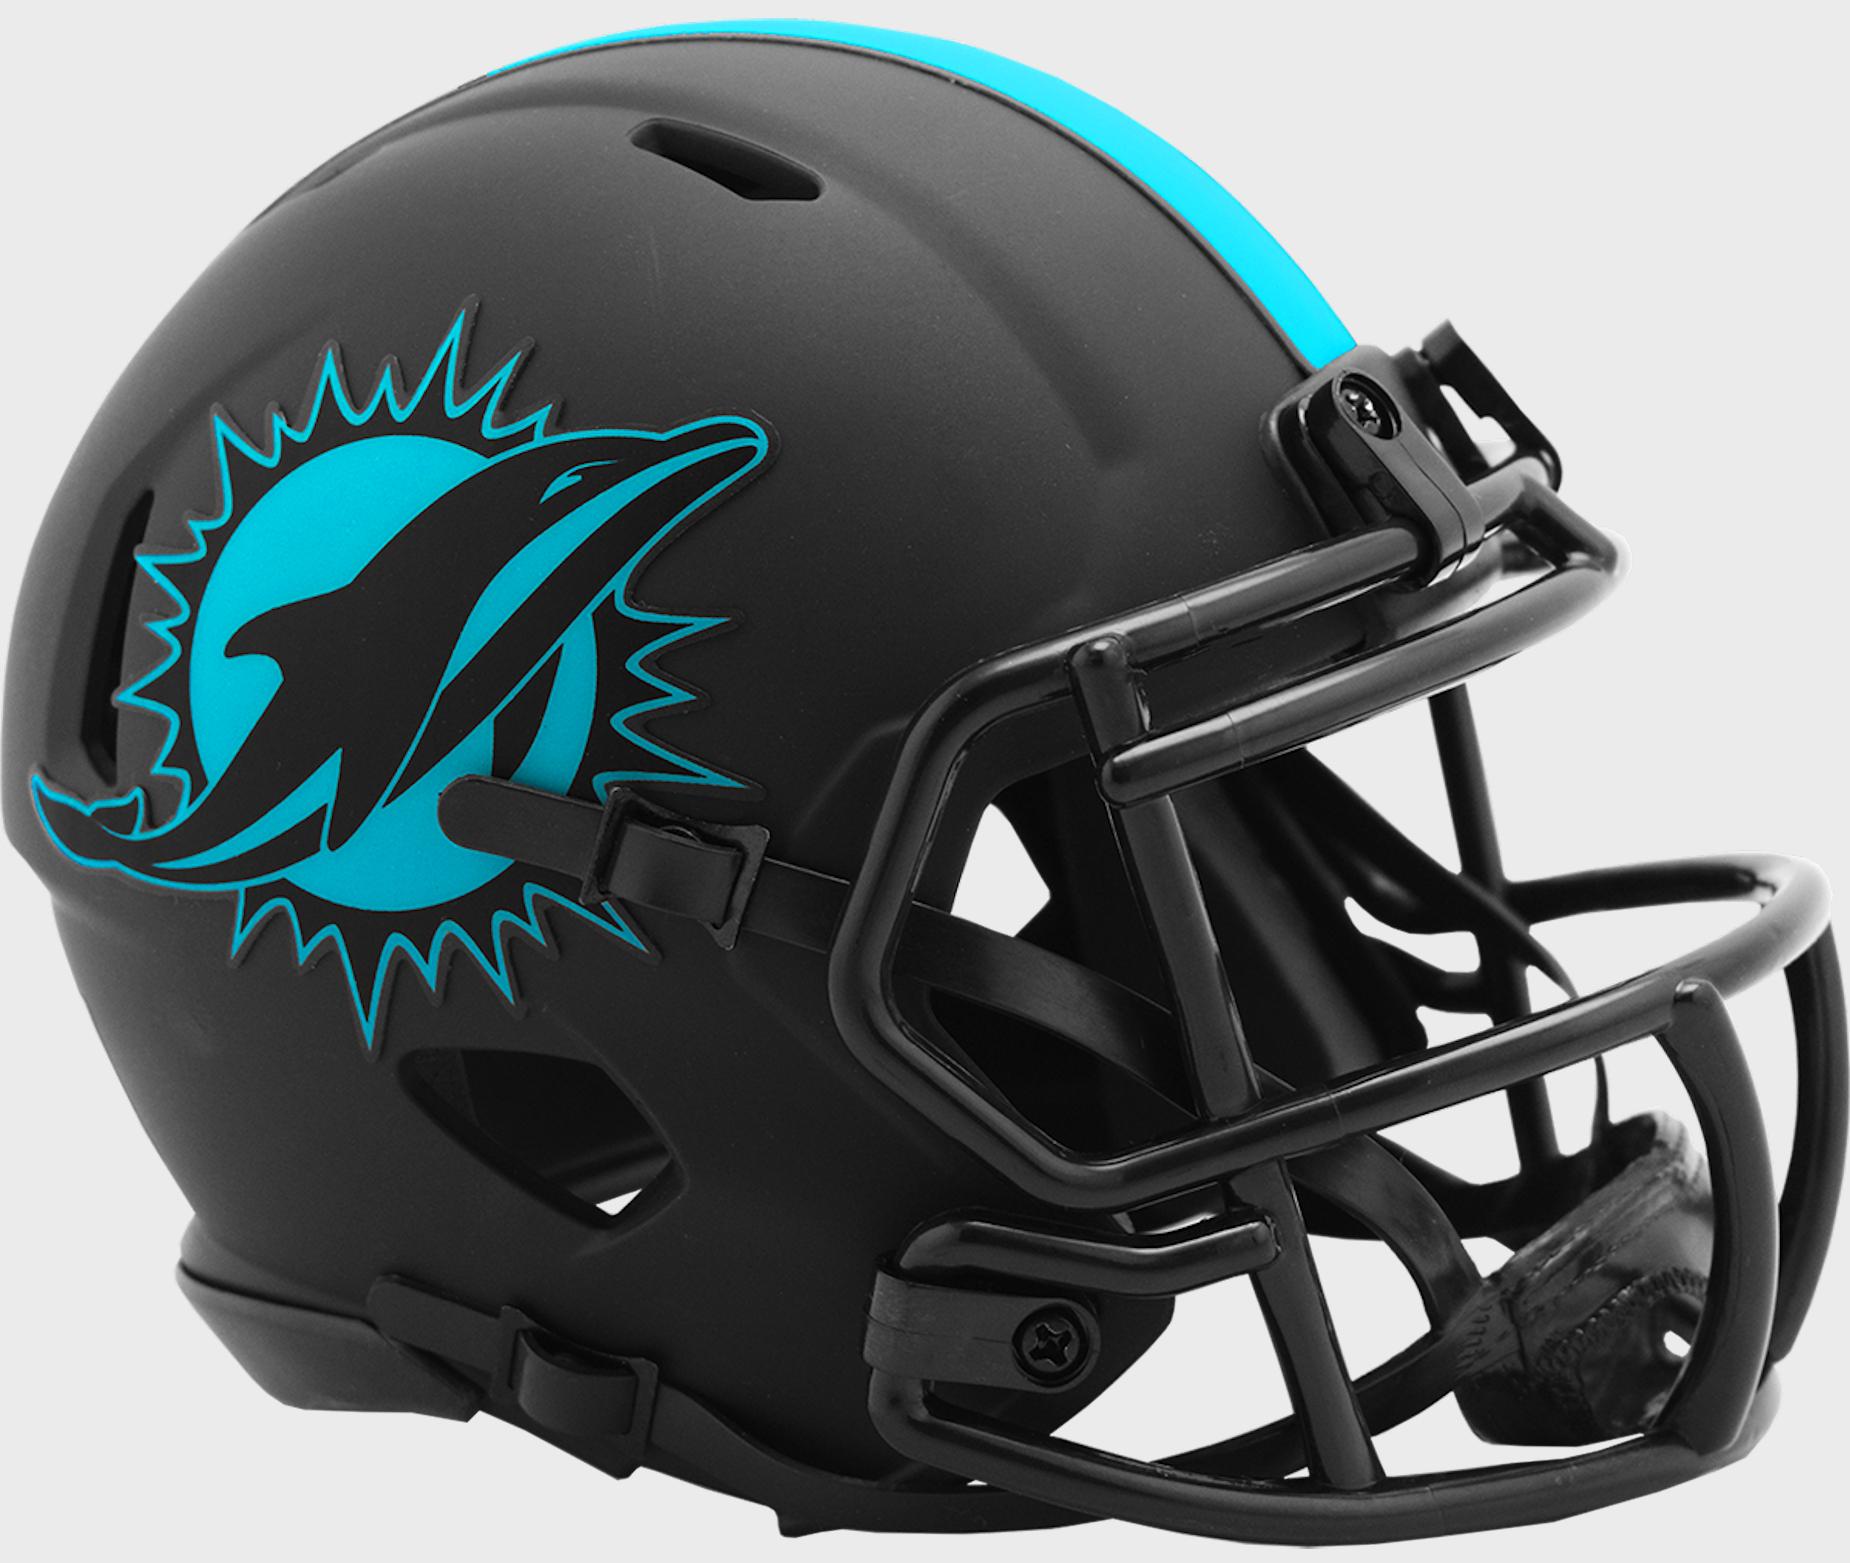 Miami Dolphins NFL Mini Speed Football Helmet <B>ECLIPSE</B>